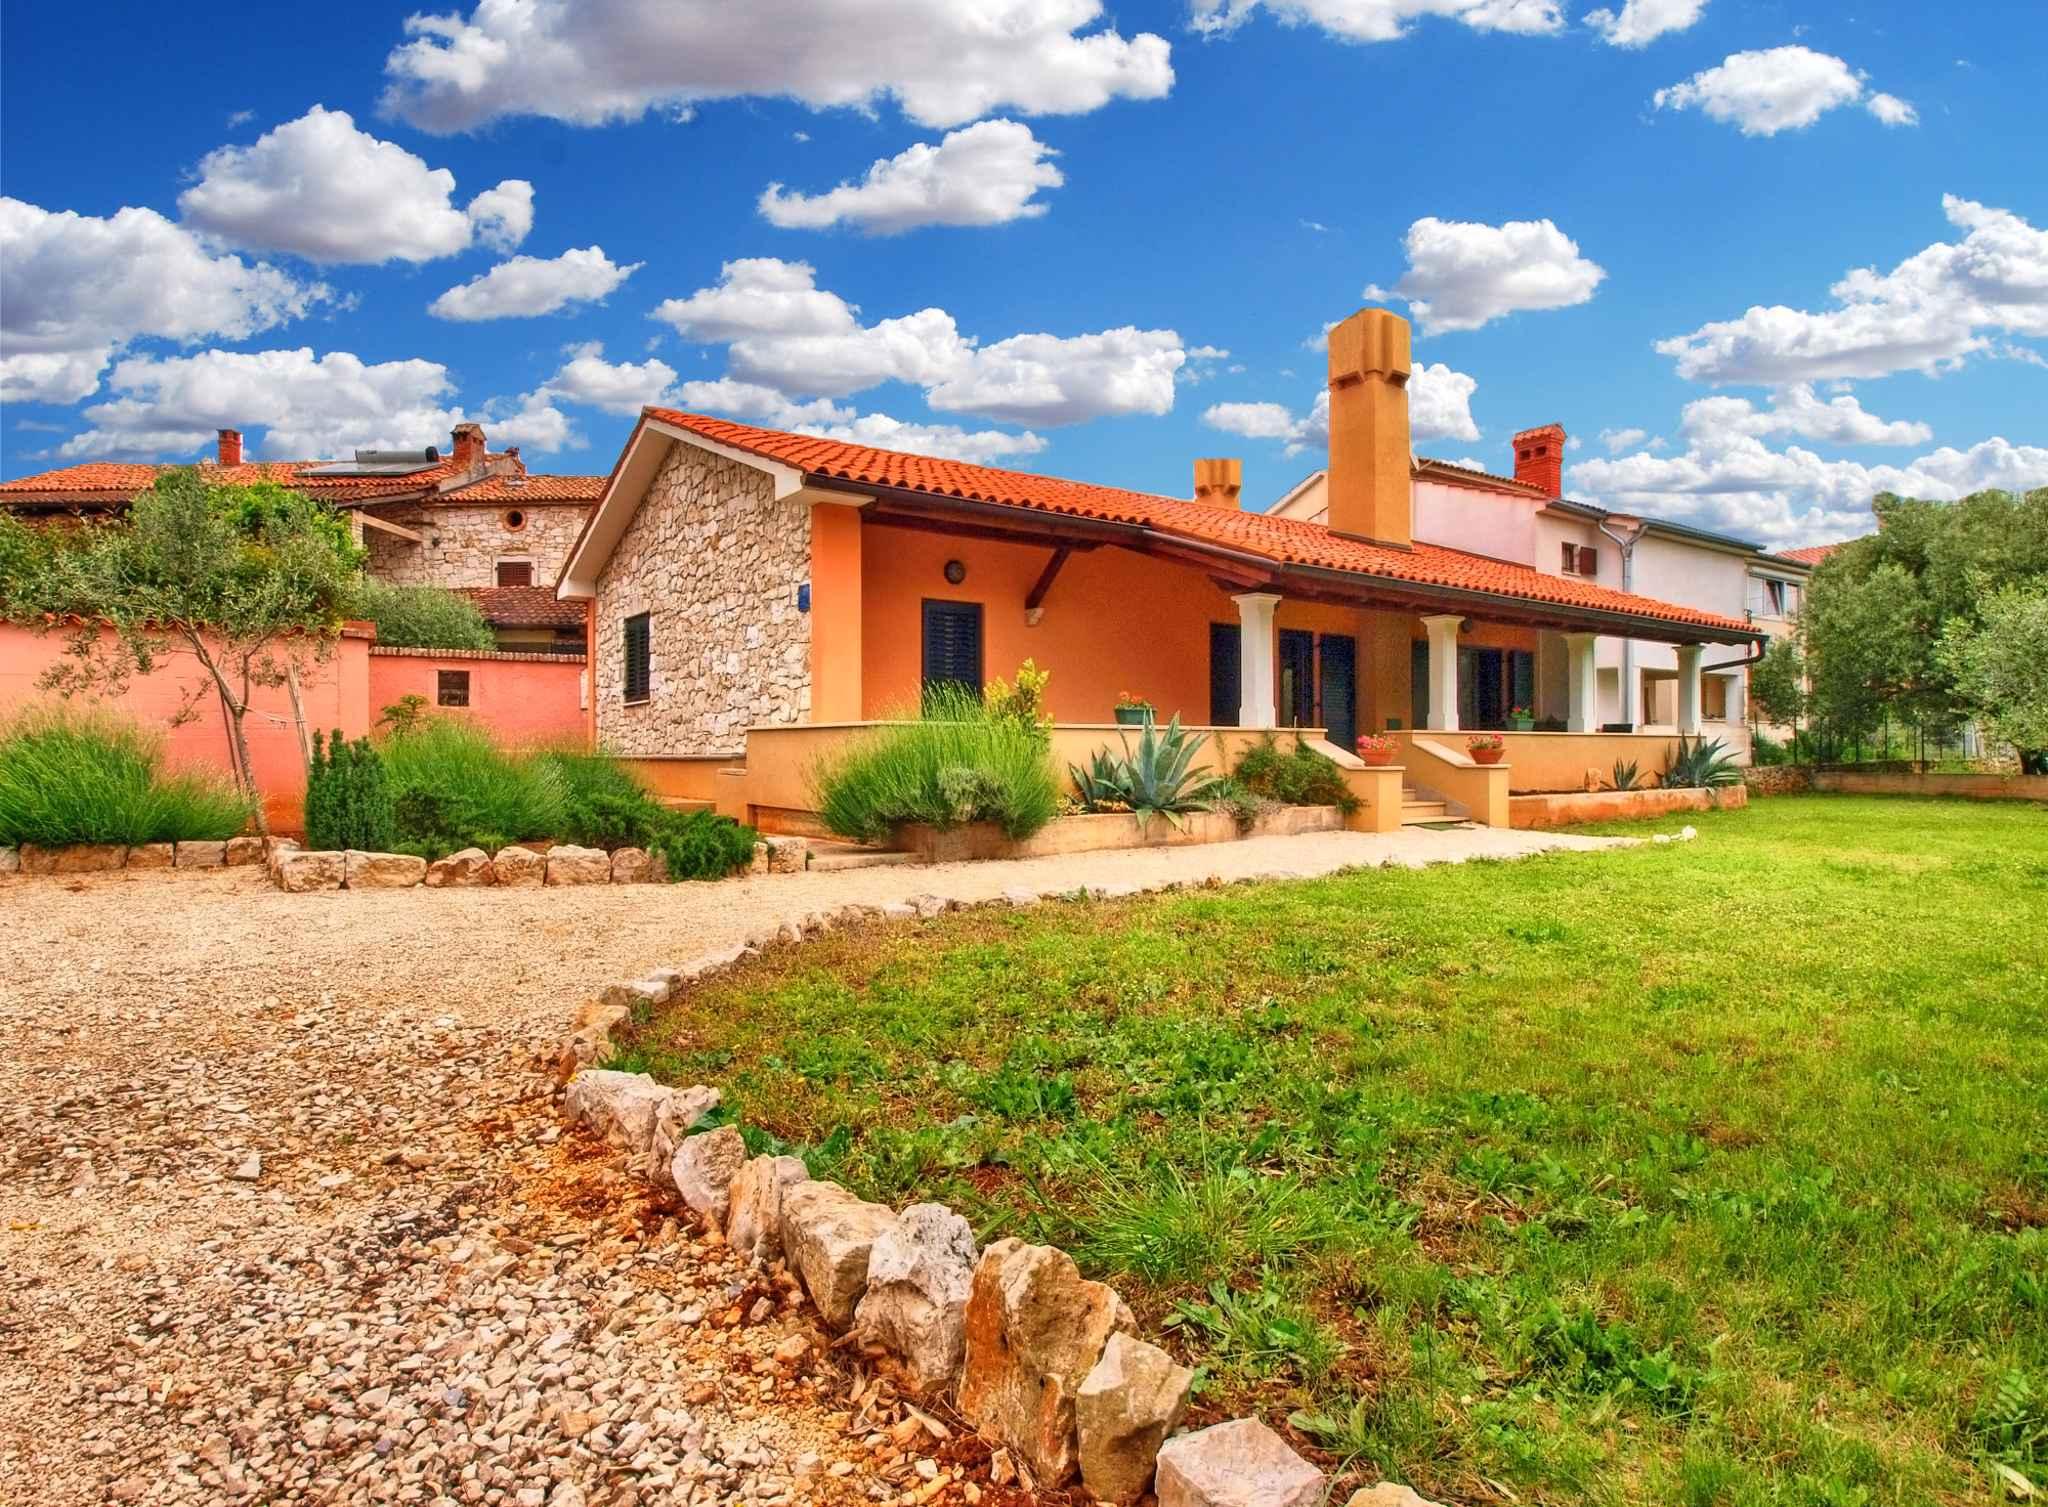 Ferienhaus mit Terrasse und Klimaanlage Ferienhaus in Kroatien